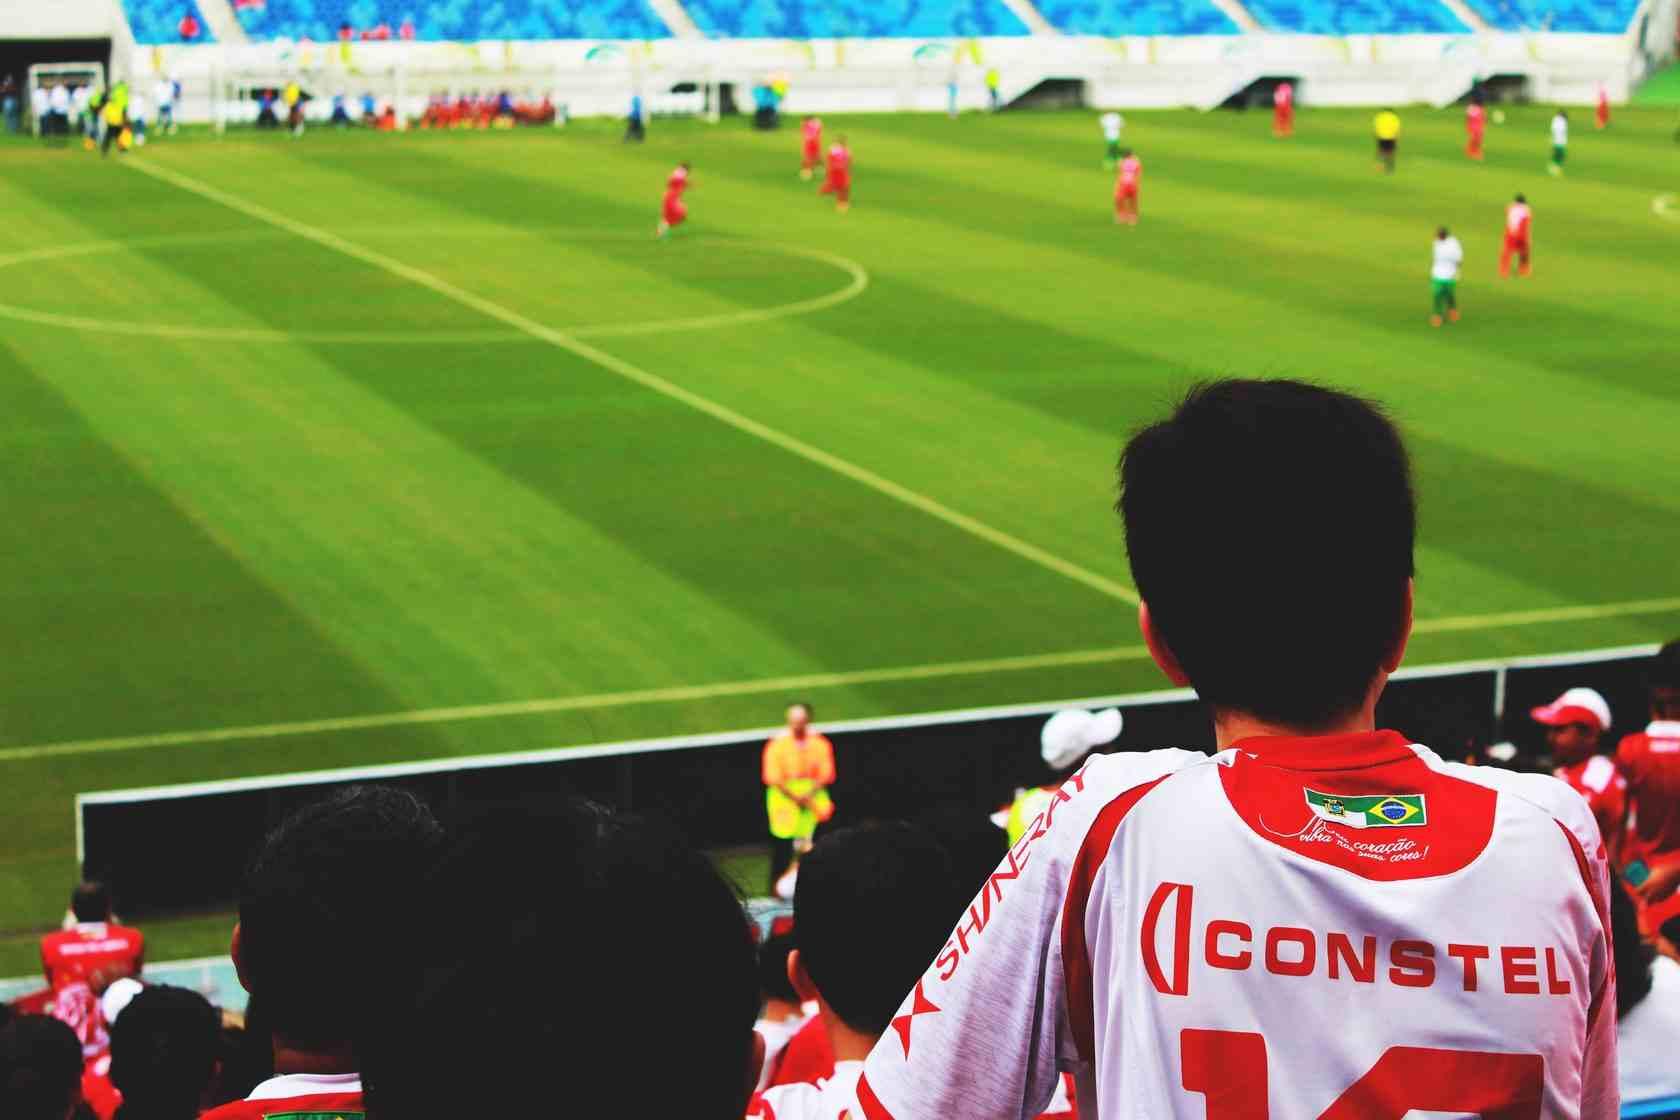 Neobychnye biznesy zvyozd futbola Levandovski Pike Inesta Agger